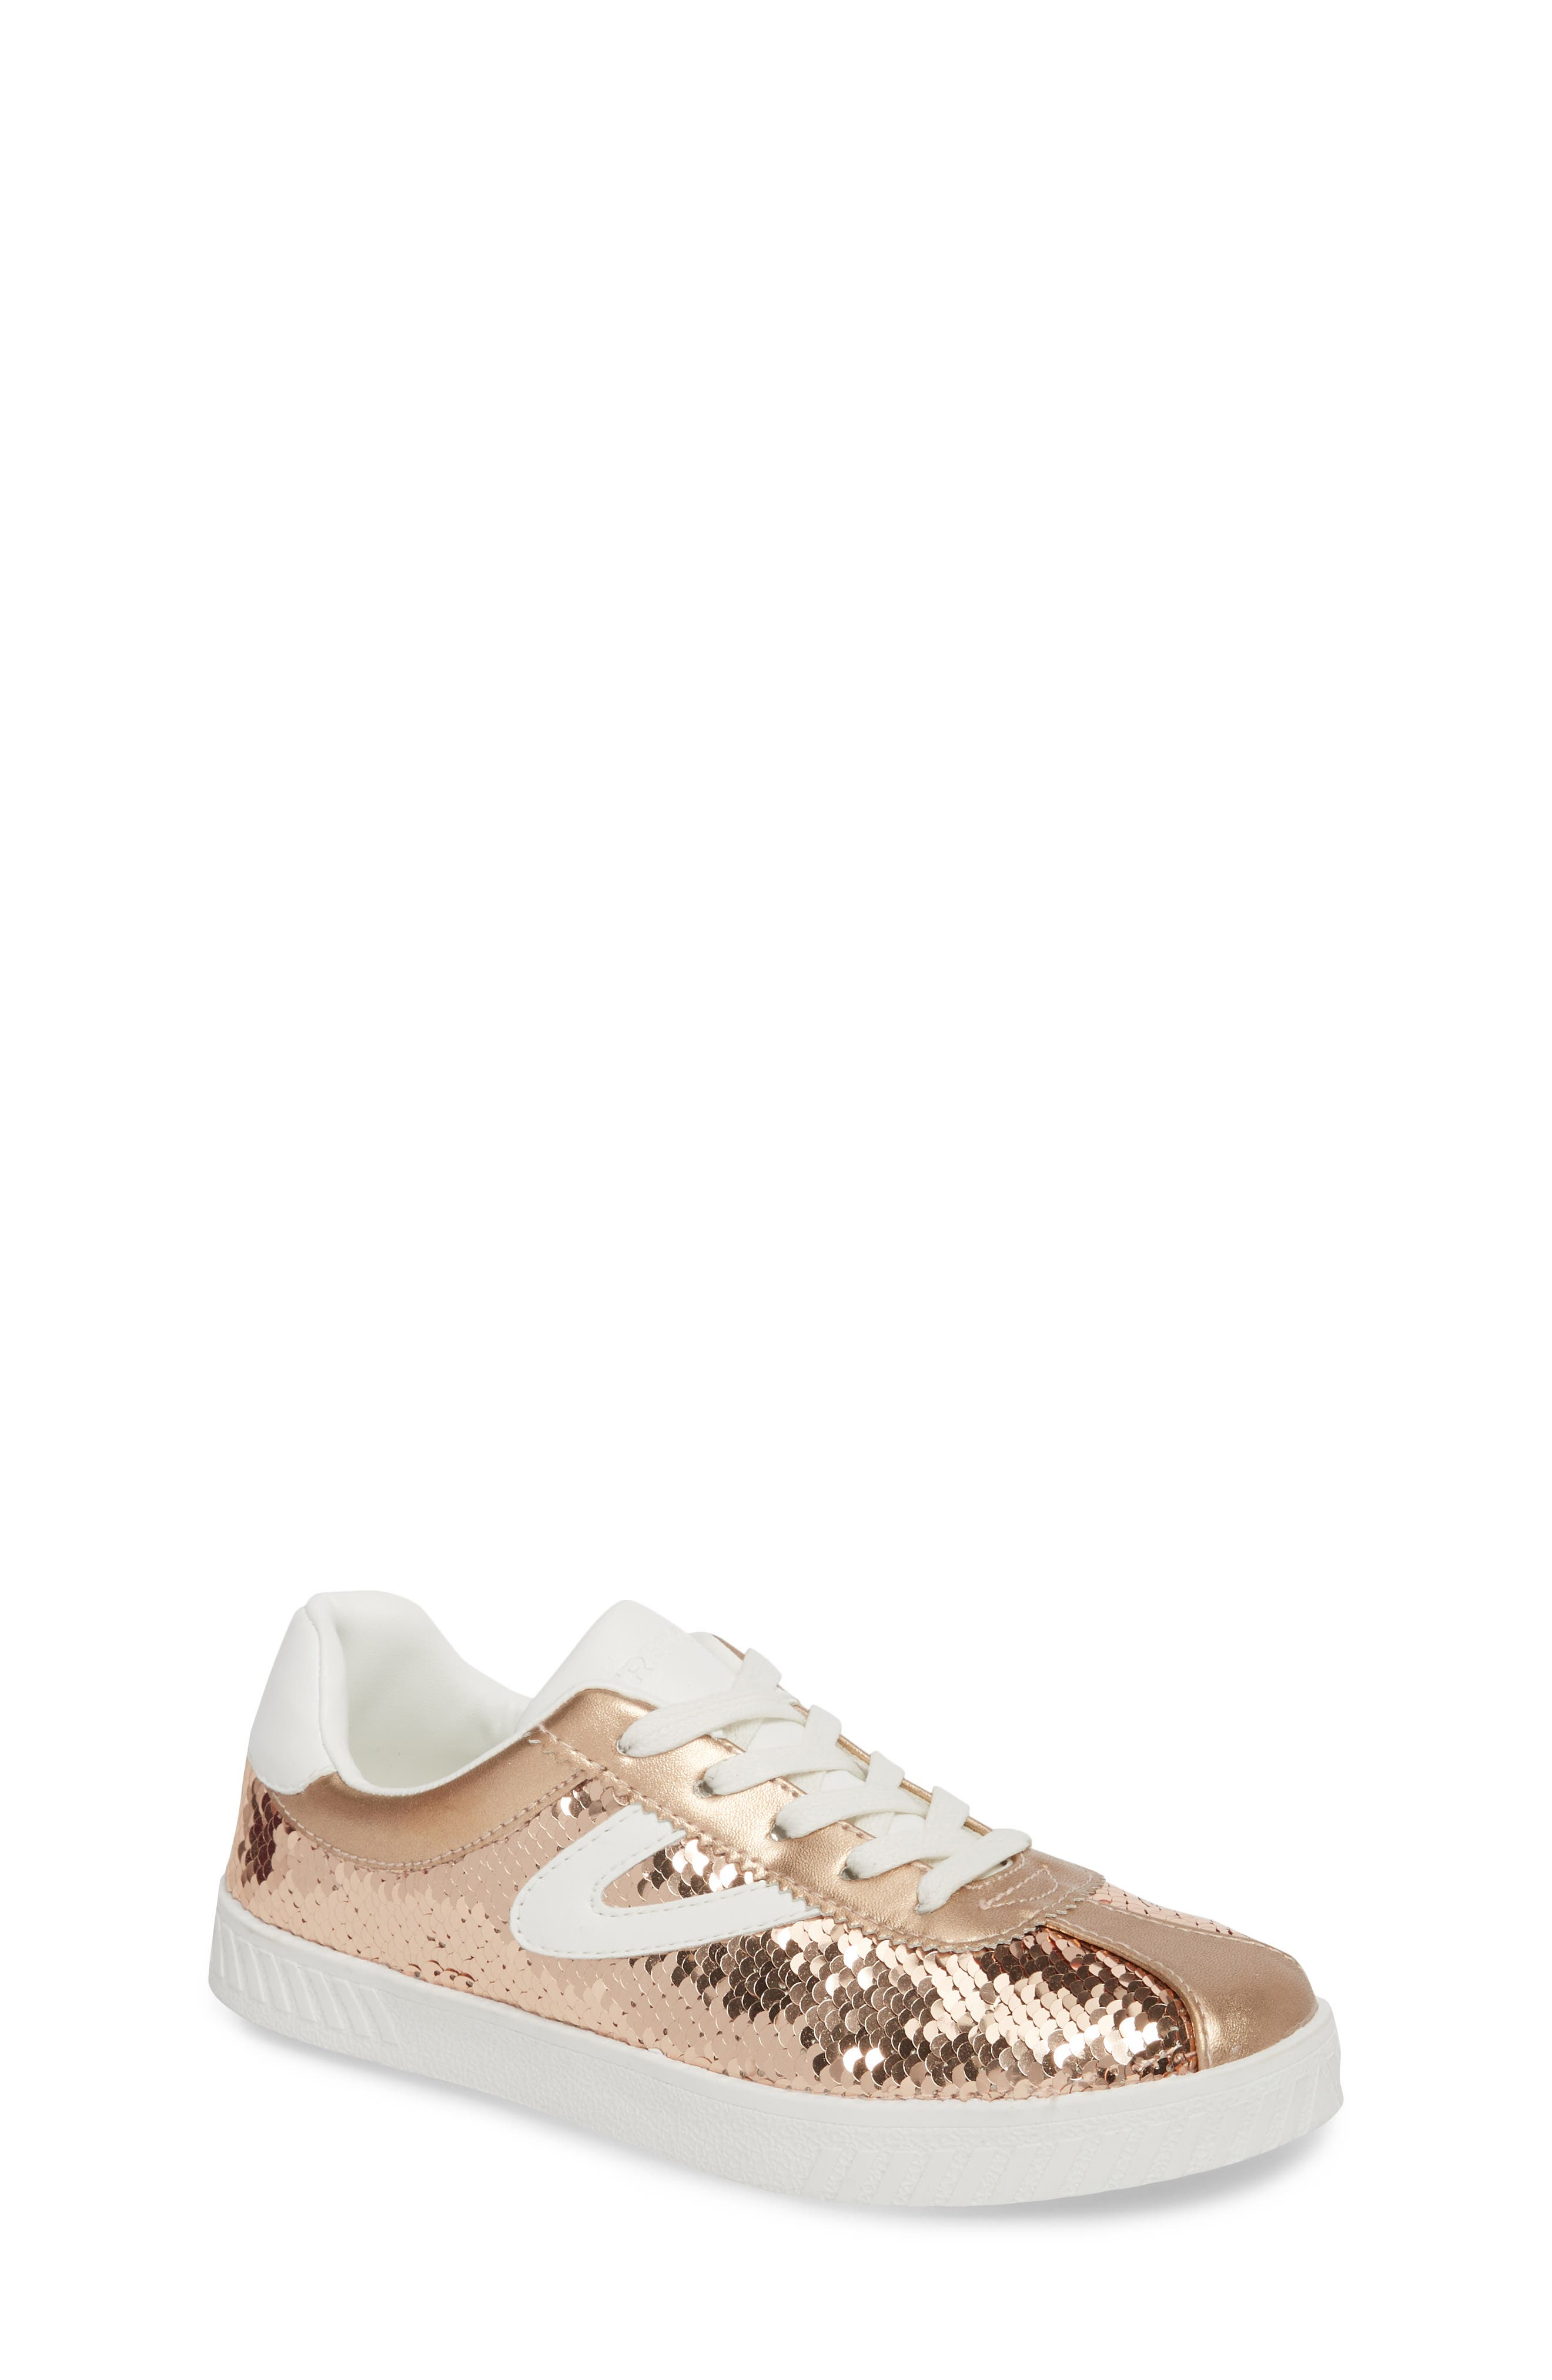 Camden Sequin Low Top Sneaker,                             Main thumbnail 1, color,                             DARK PINK